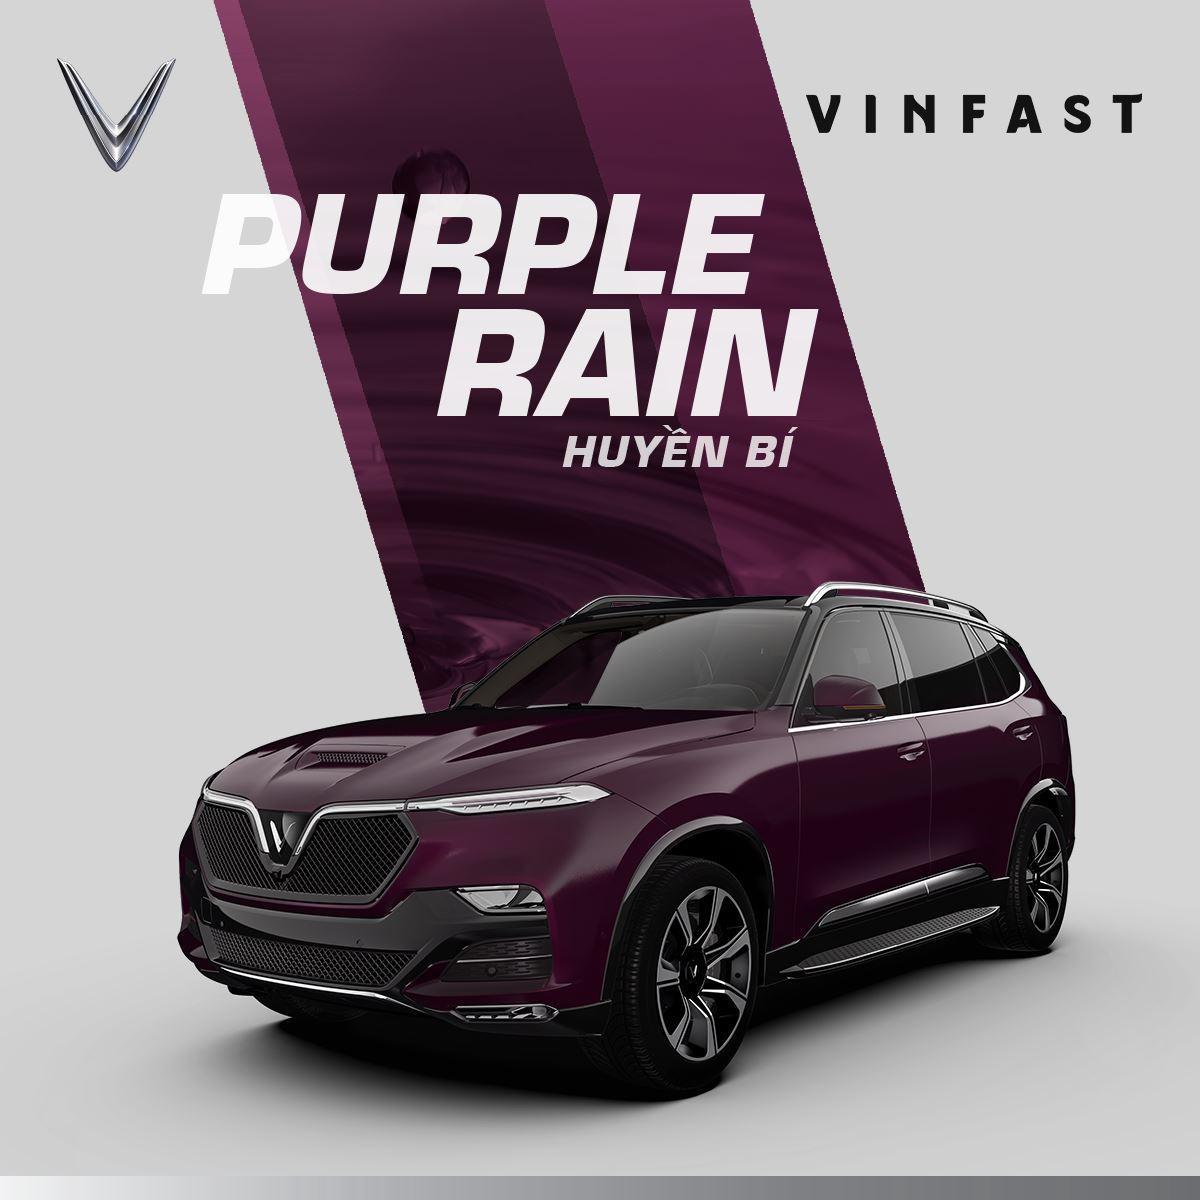 vinfast-president-purple-rain